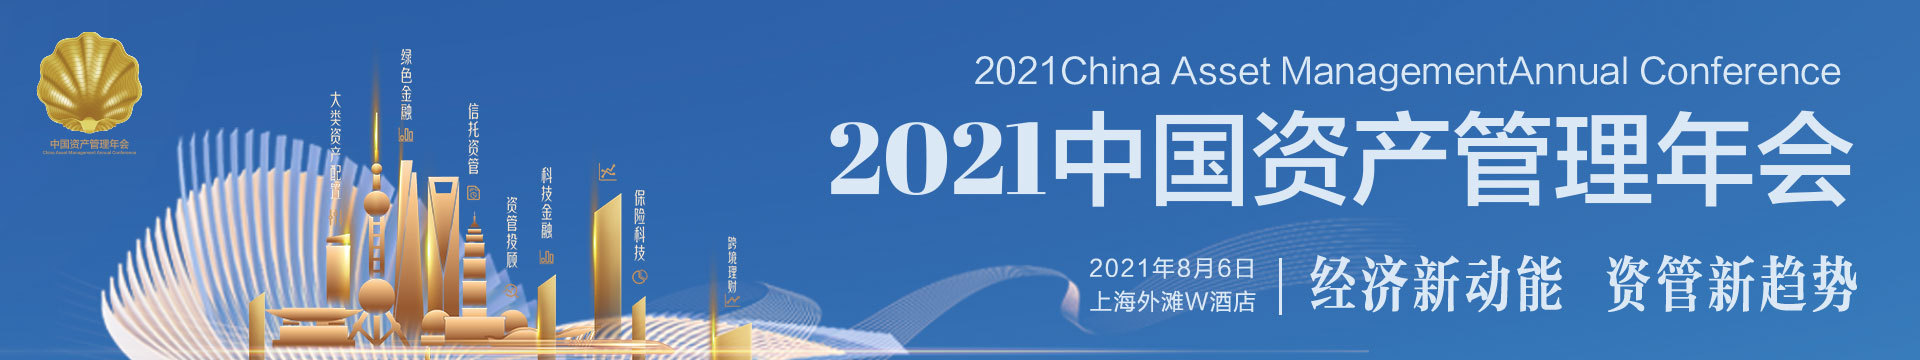 2021中国资产管理年会